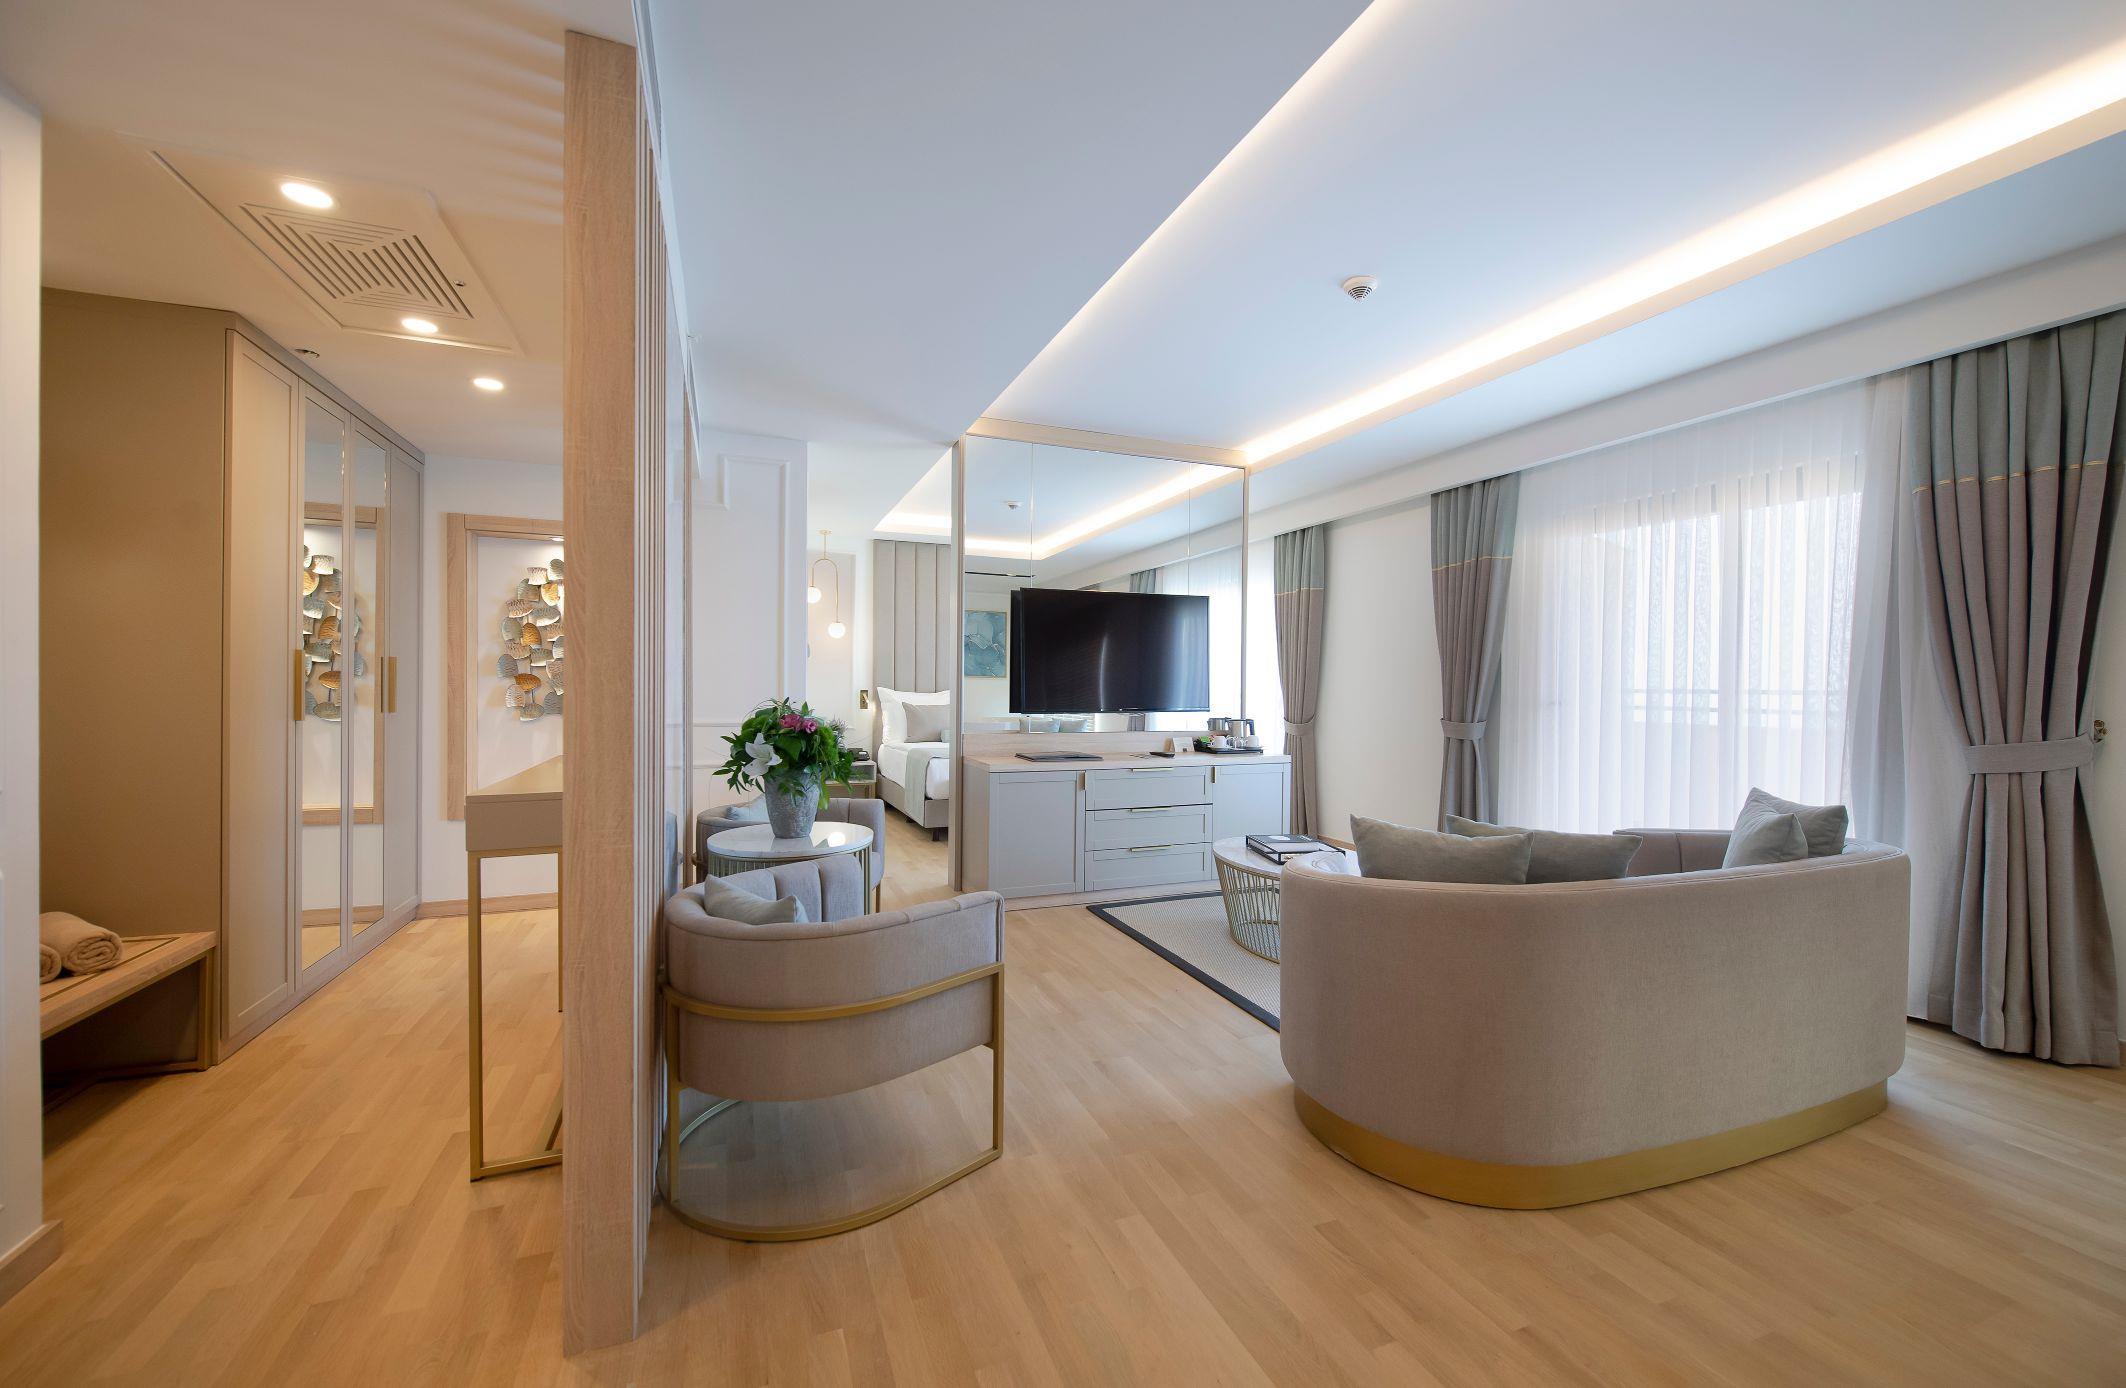 http://www.orextravel.sk/OREX/hotelphotos/miramare-queen-hotel-general-008.jpg